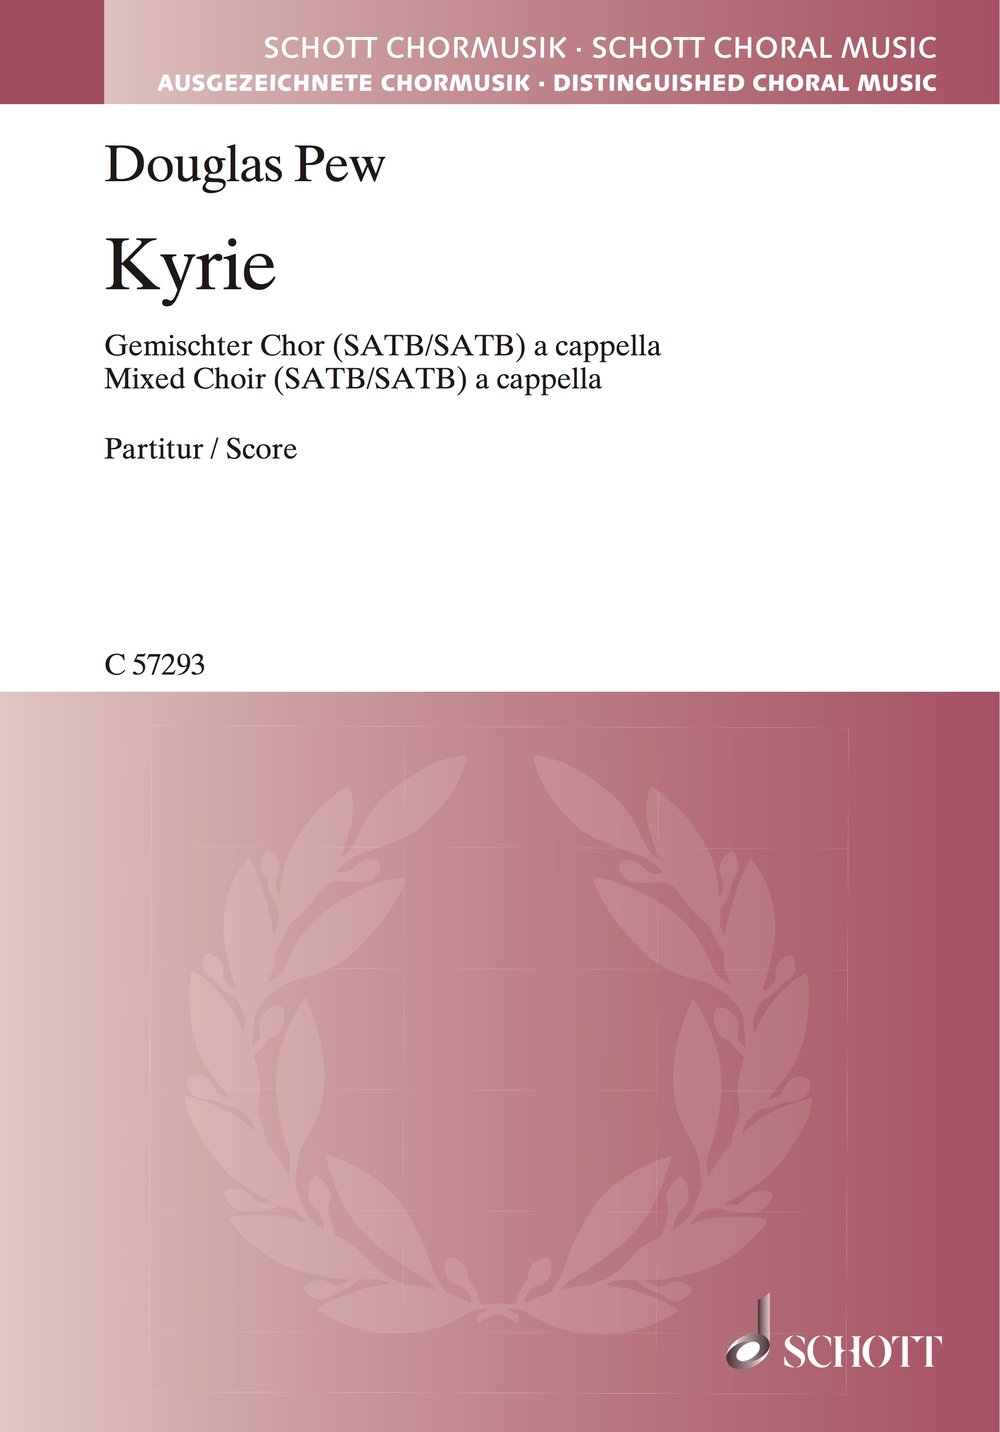 Kyrie  - Double Chorus